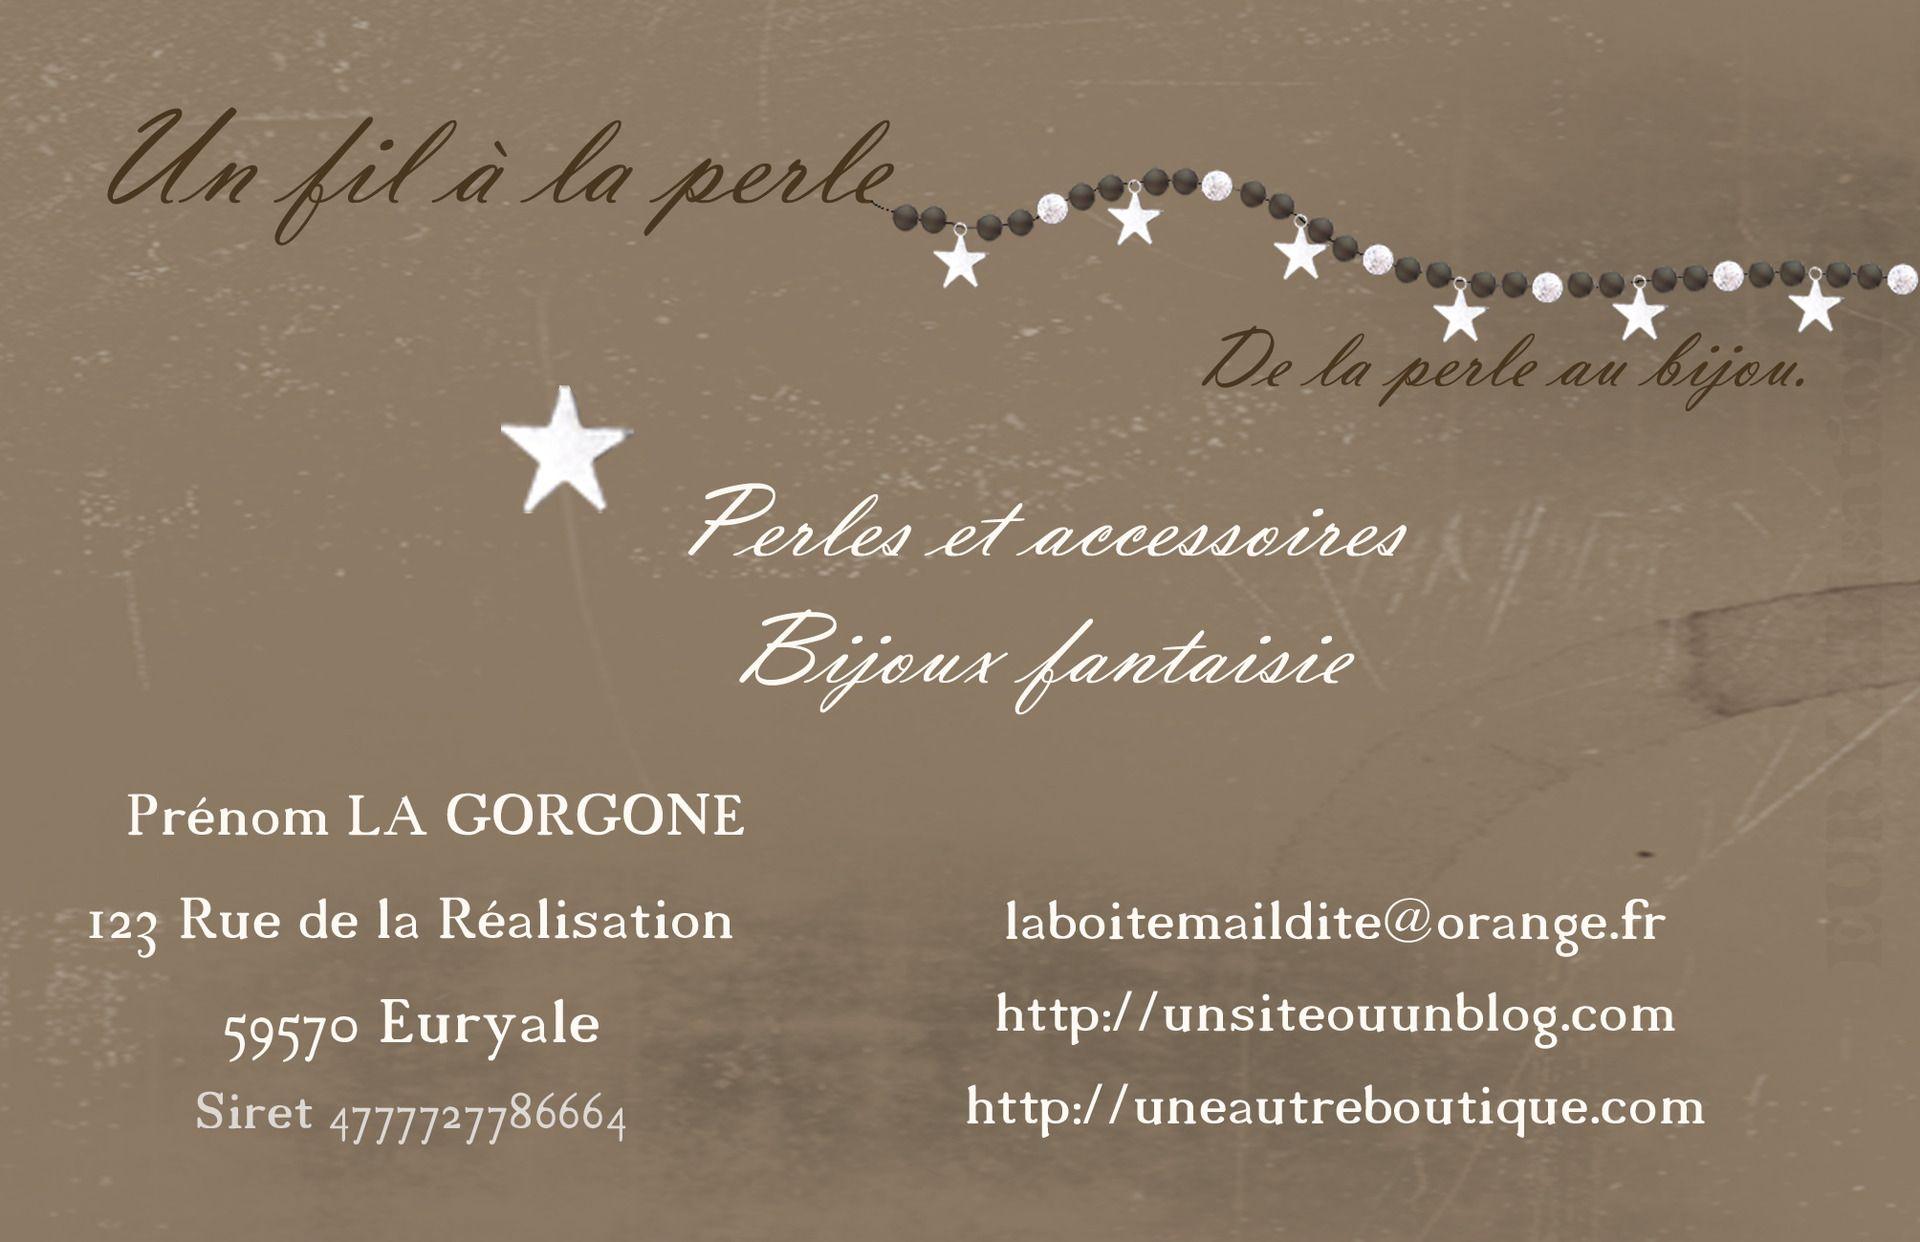 Conception De Cartes Visite Personnalises Art Numrique Par La Gorgone